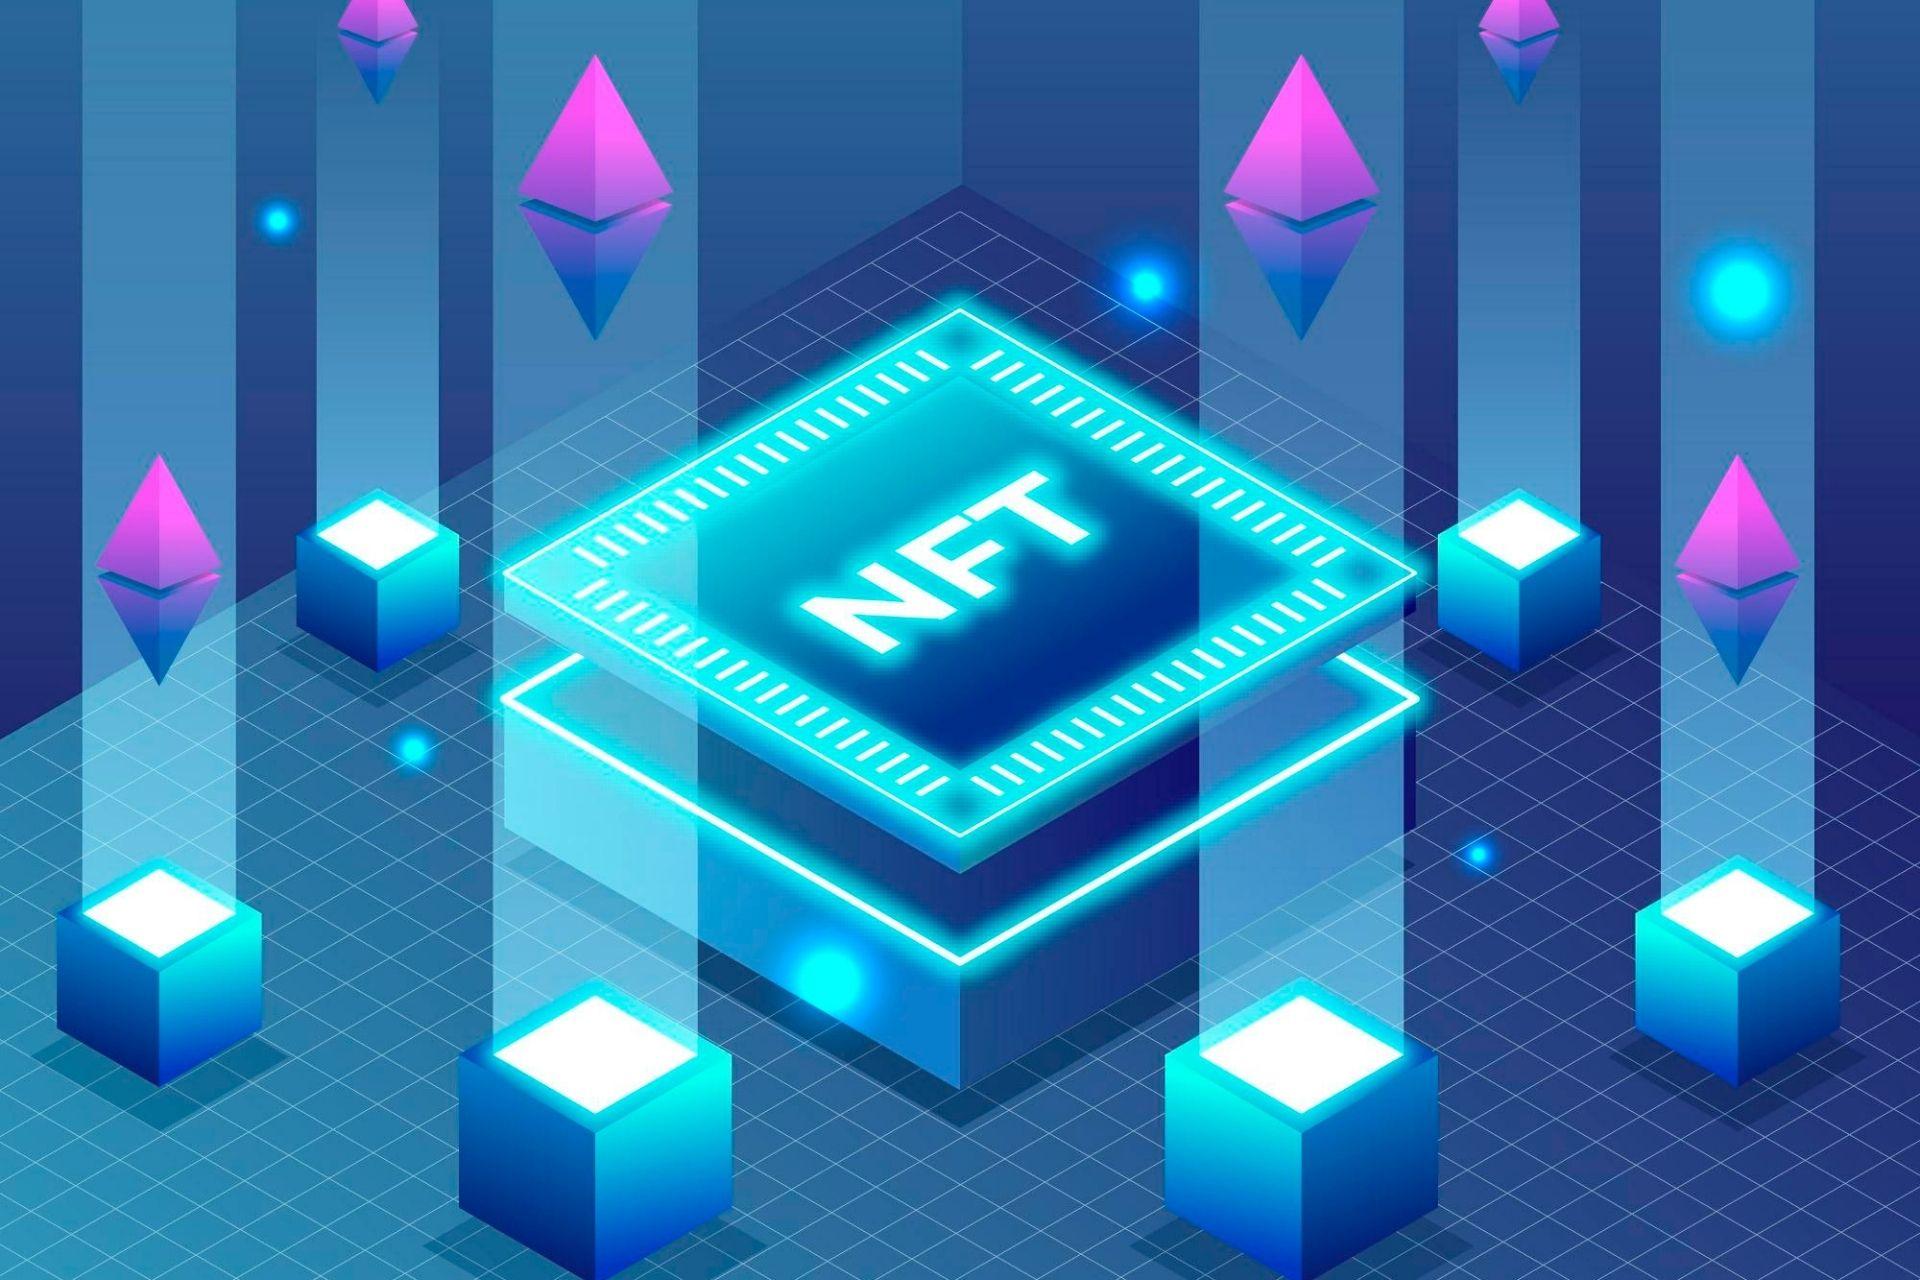 Intercambio de criptomonedas Coinbase lanzará su propio mercado NFT